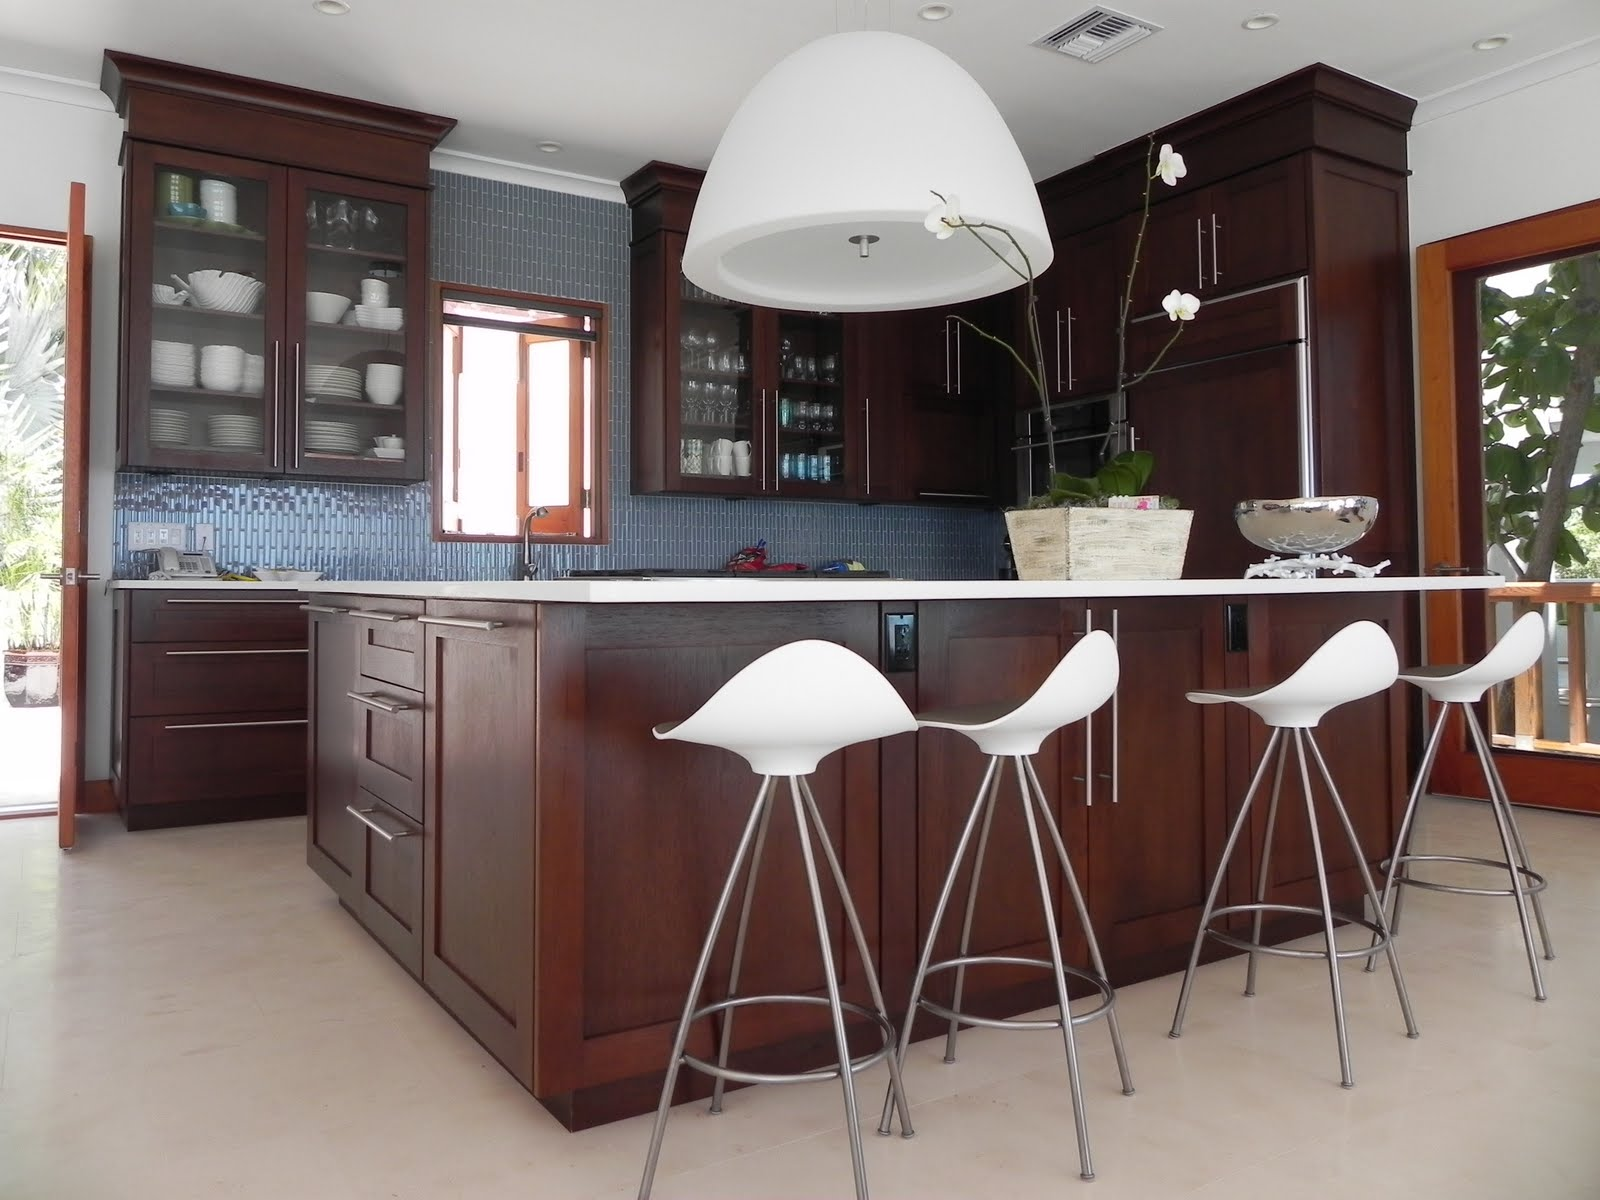 Современный рынок осветительных приборов позволяет подобрать люстру для кухни любого размера, формы и стиля, все зависит от предпочтений и особенностей помещения